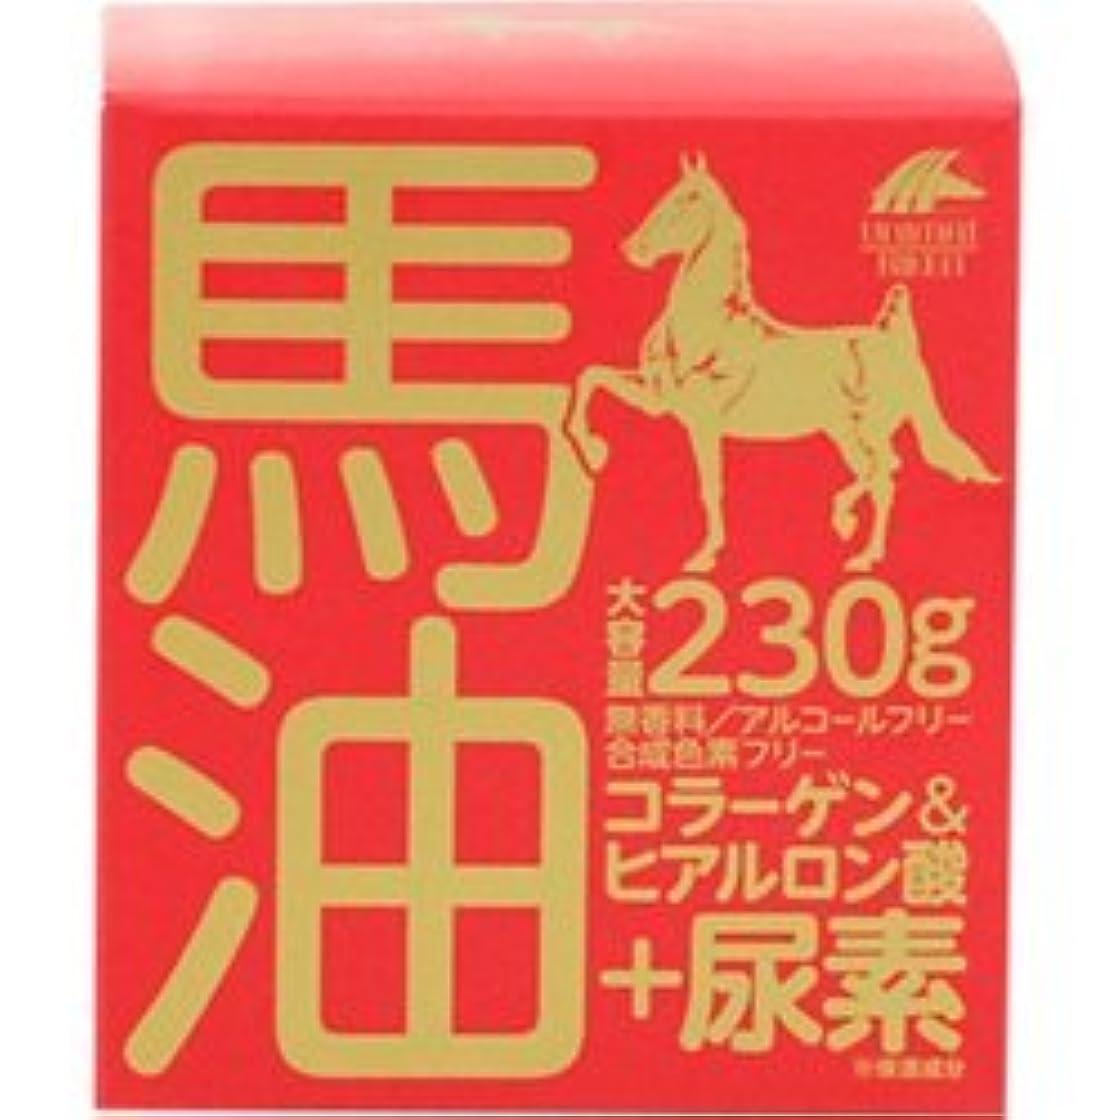 ジョブチャンスグレード【ユニマットリケン】馬油クリーム+尿素 230g ×20個セット